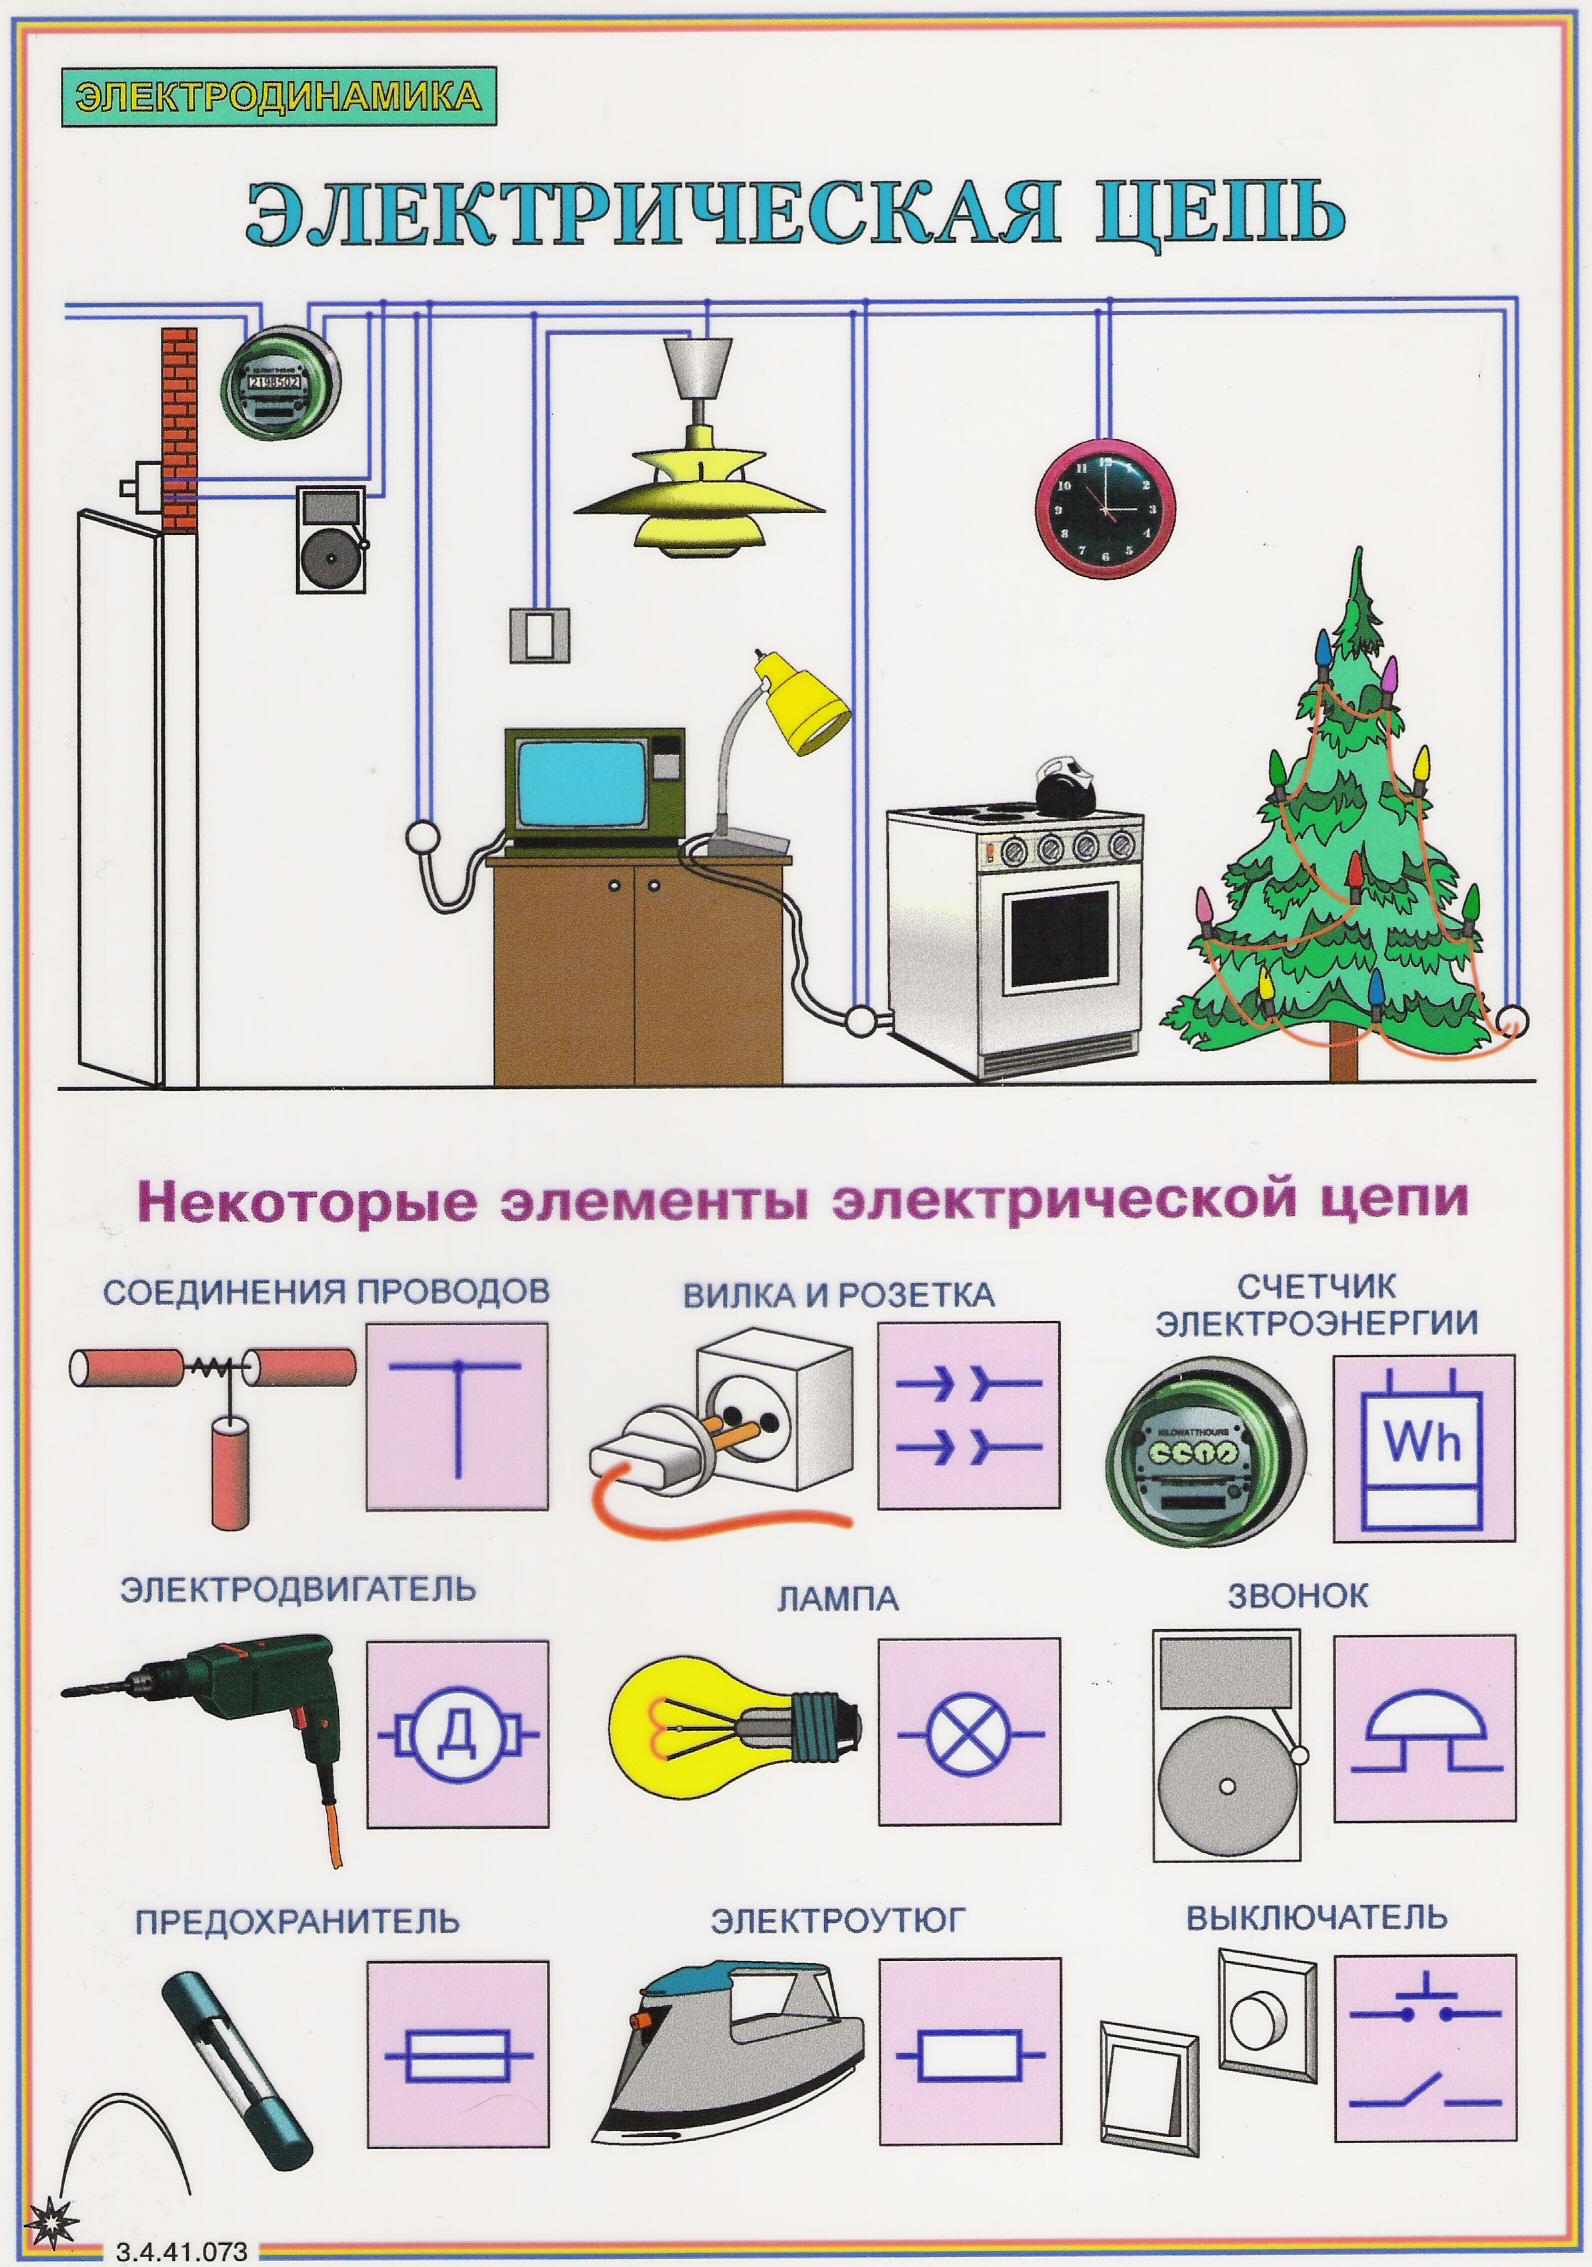 Как сделать электро цепь